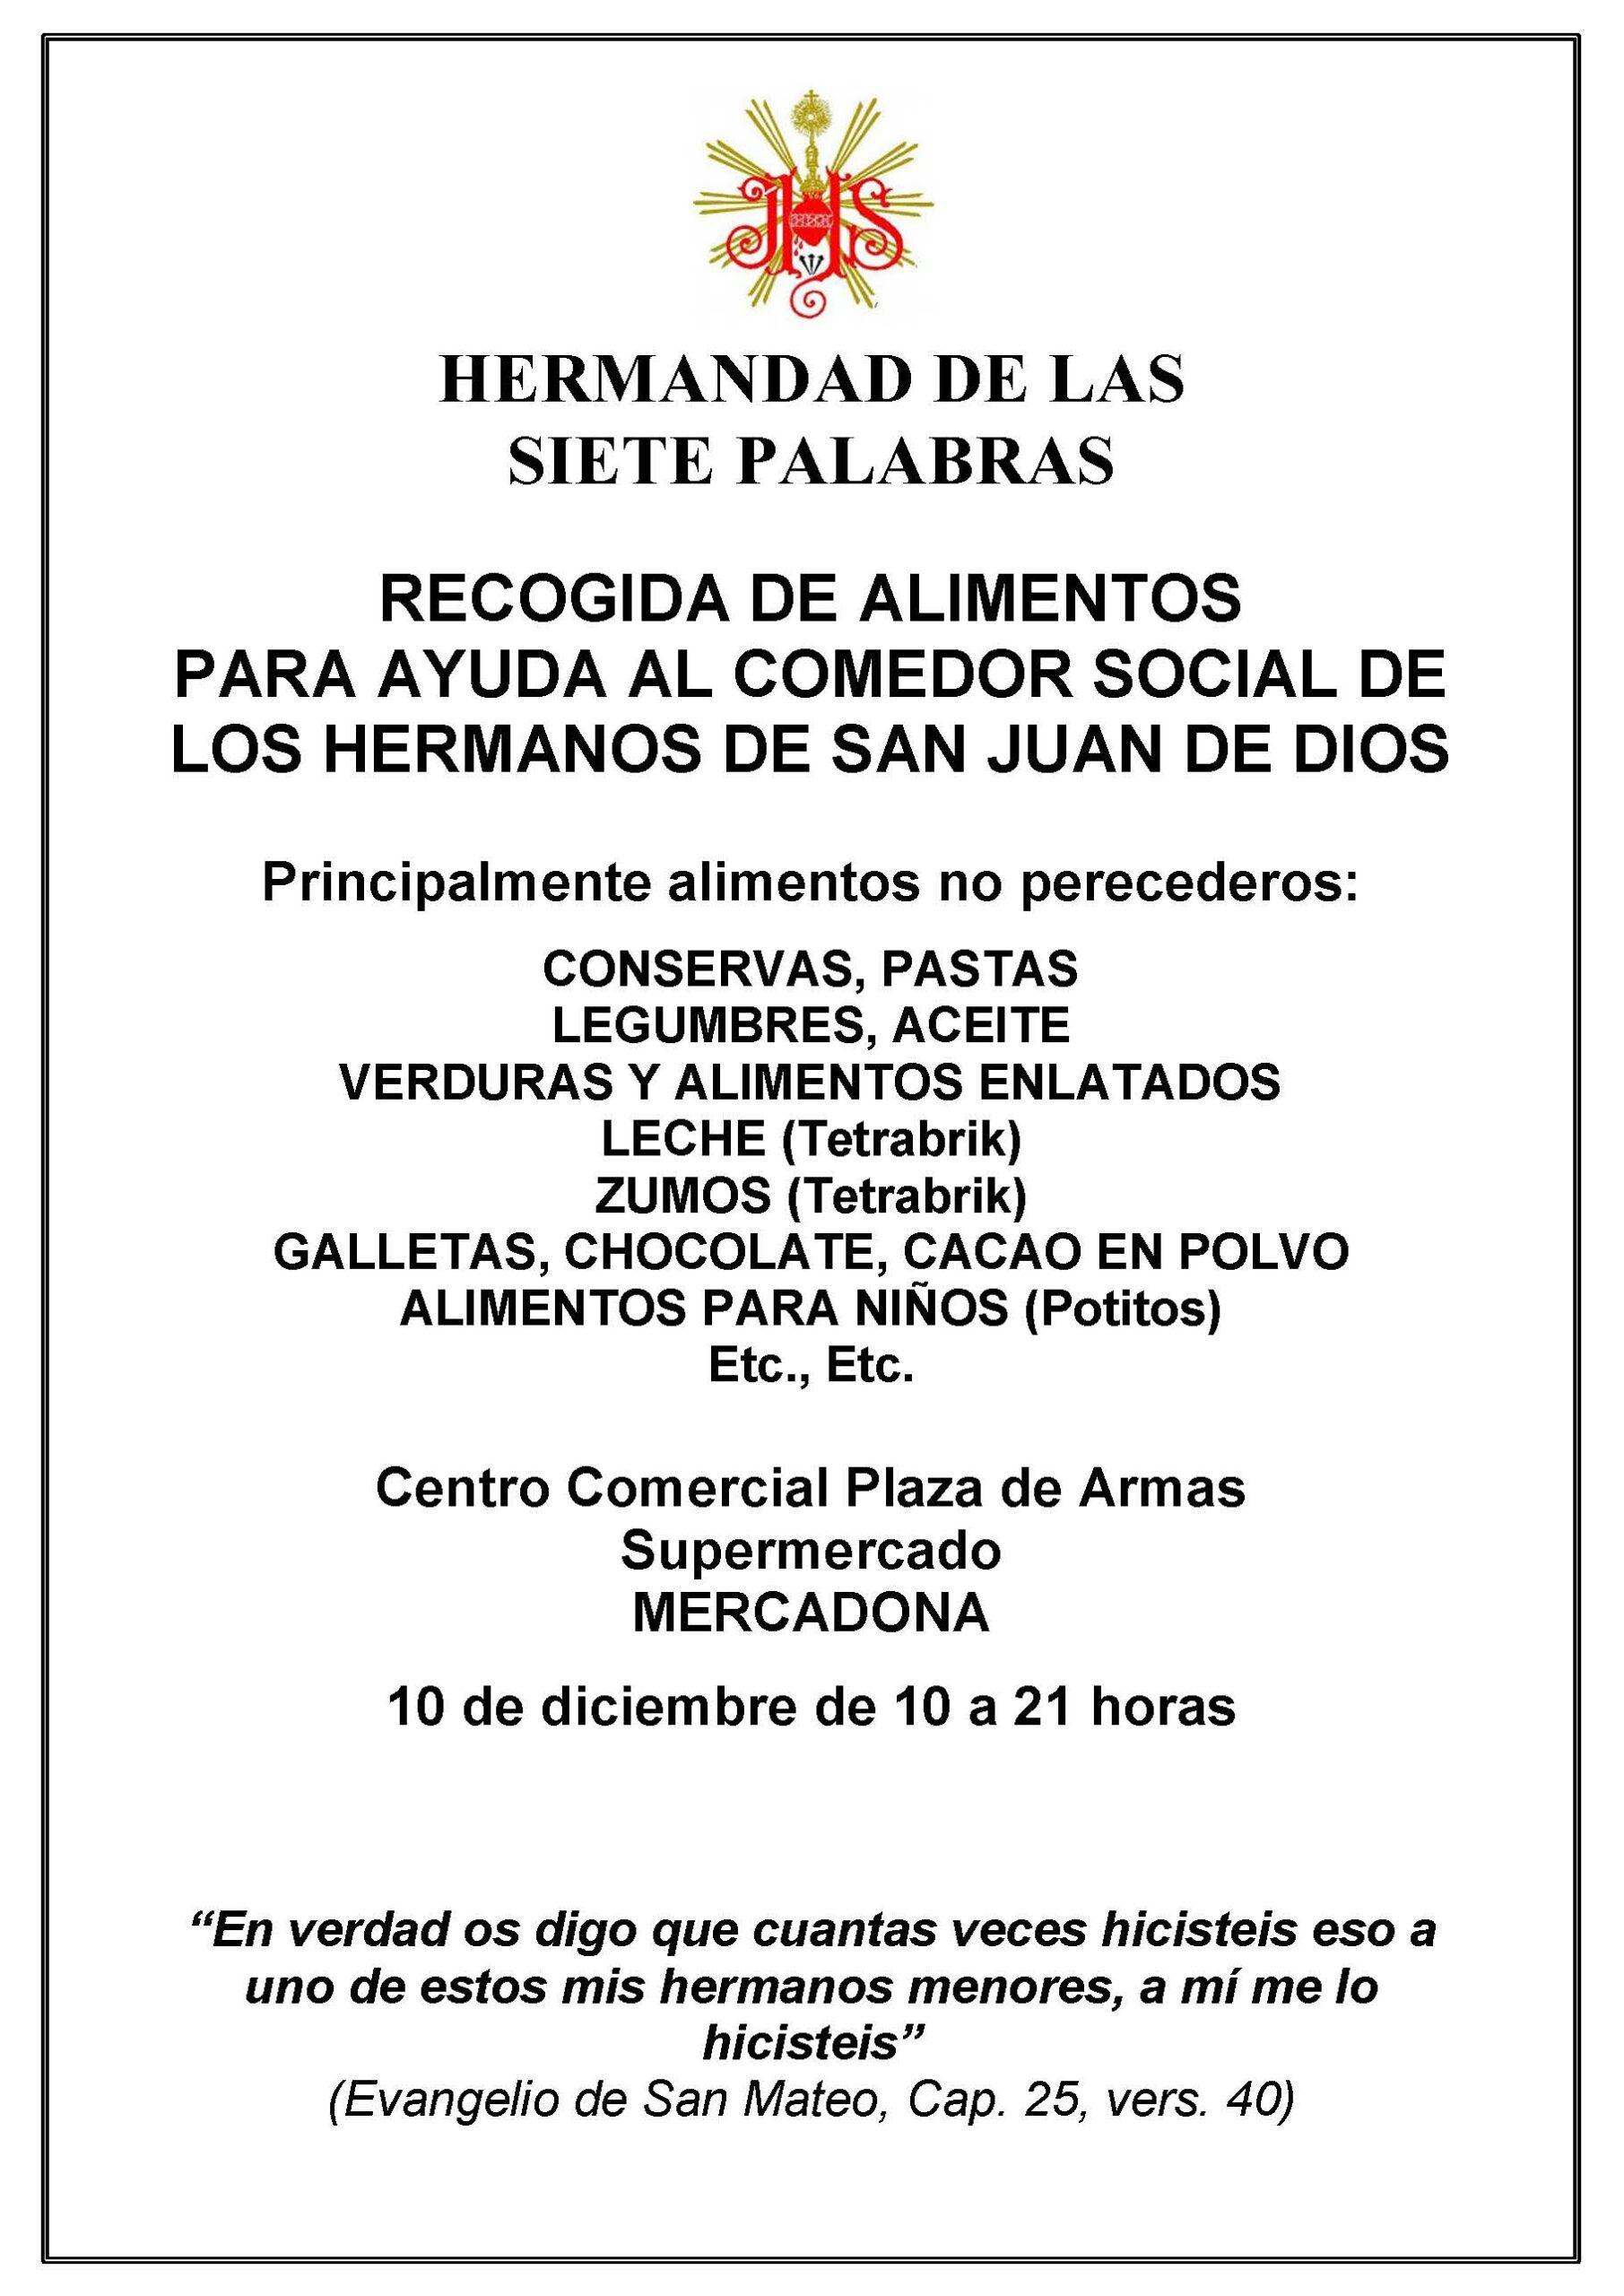 RECOGIDA ALIMENTOS CARTEL-1